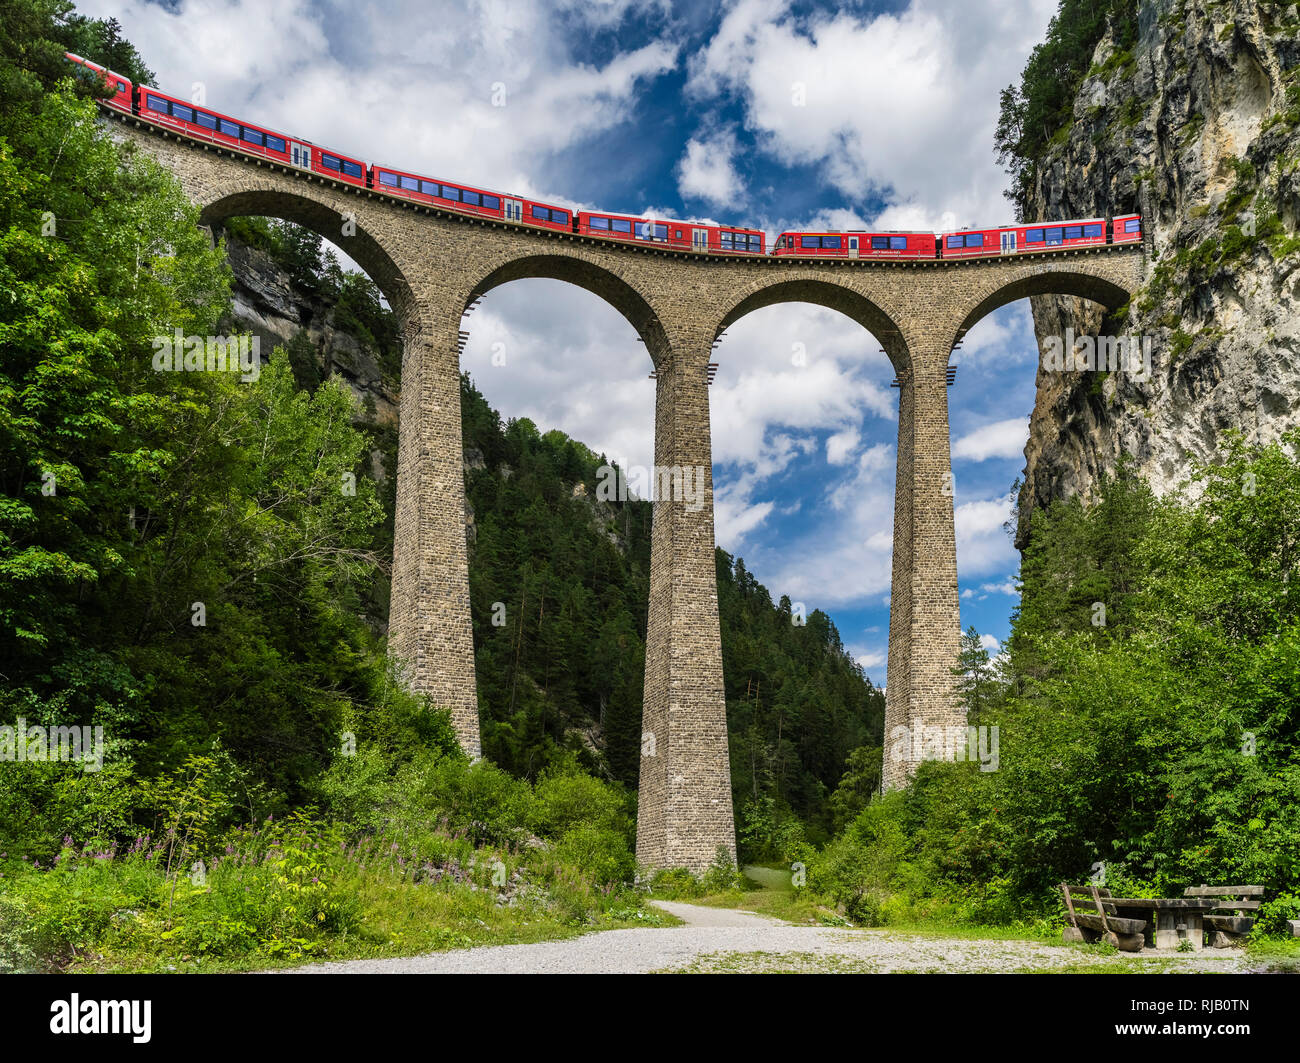 Landwasserviadukt der Rhätischen Bahn bei Filisur in Graubünden Stock Photo